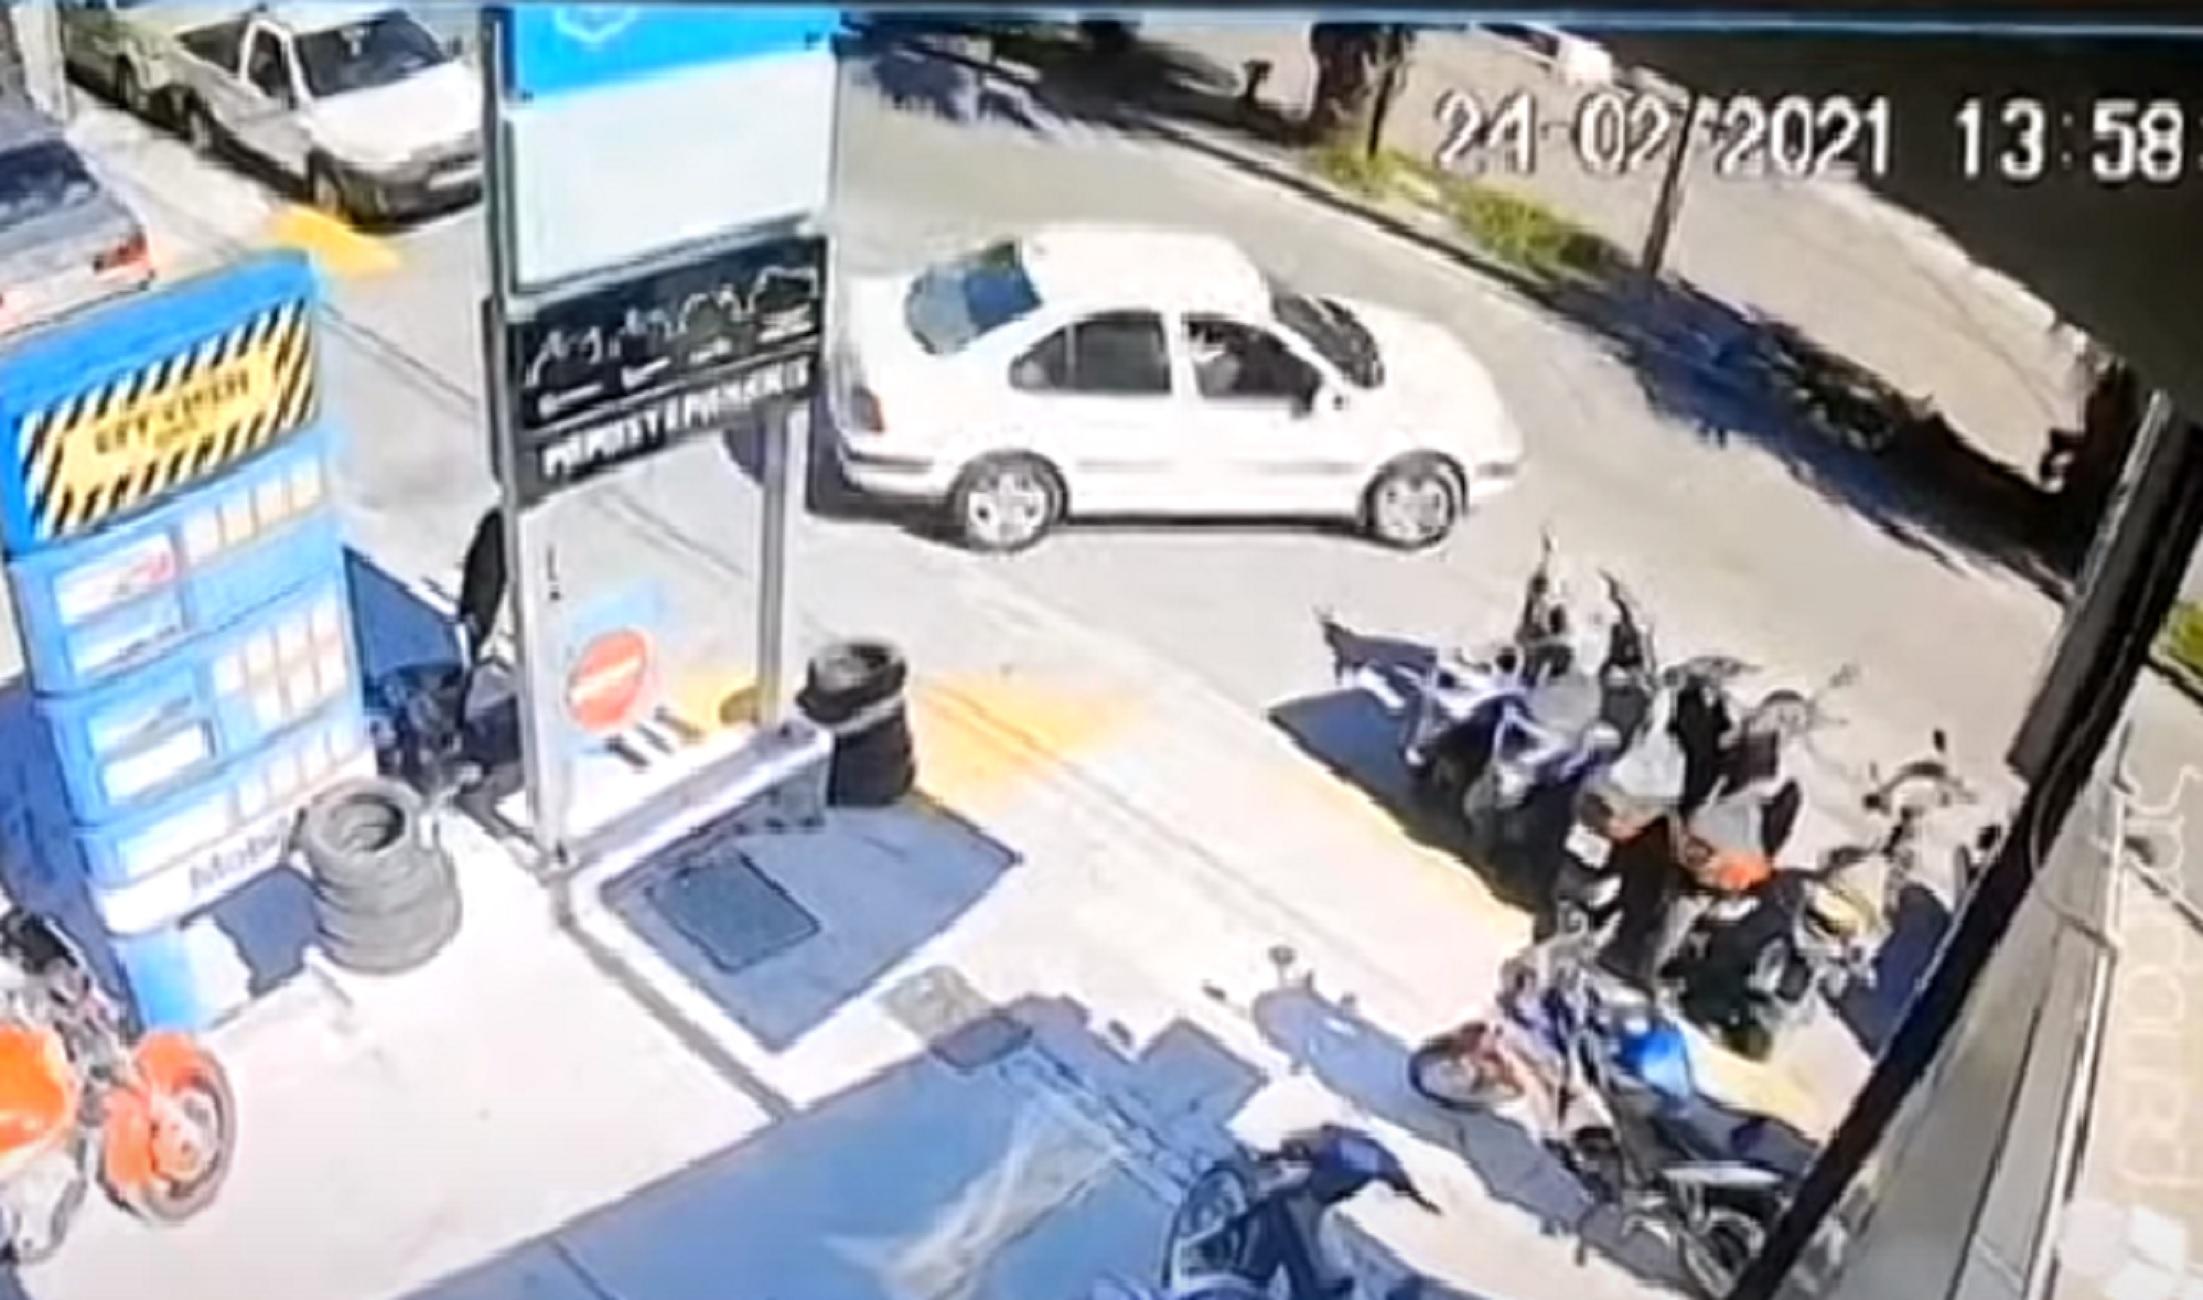 Ηράκλειο: Τροχαίο στην κάμερα – Η στιγμή της απροσεξίας δύο οδηγών στην είσοδο του βενζινάδικου (video)